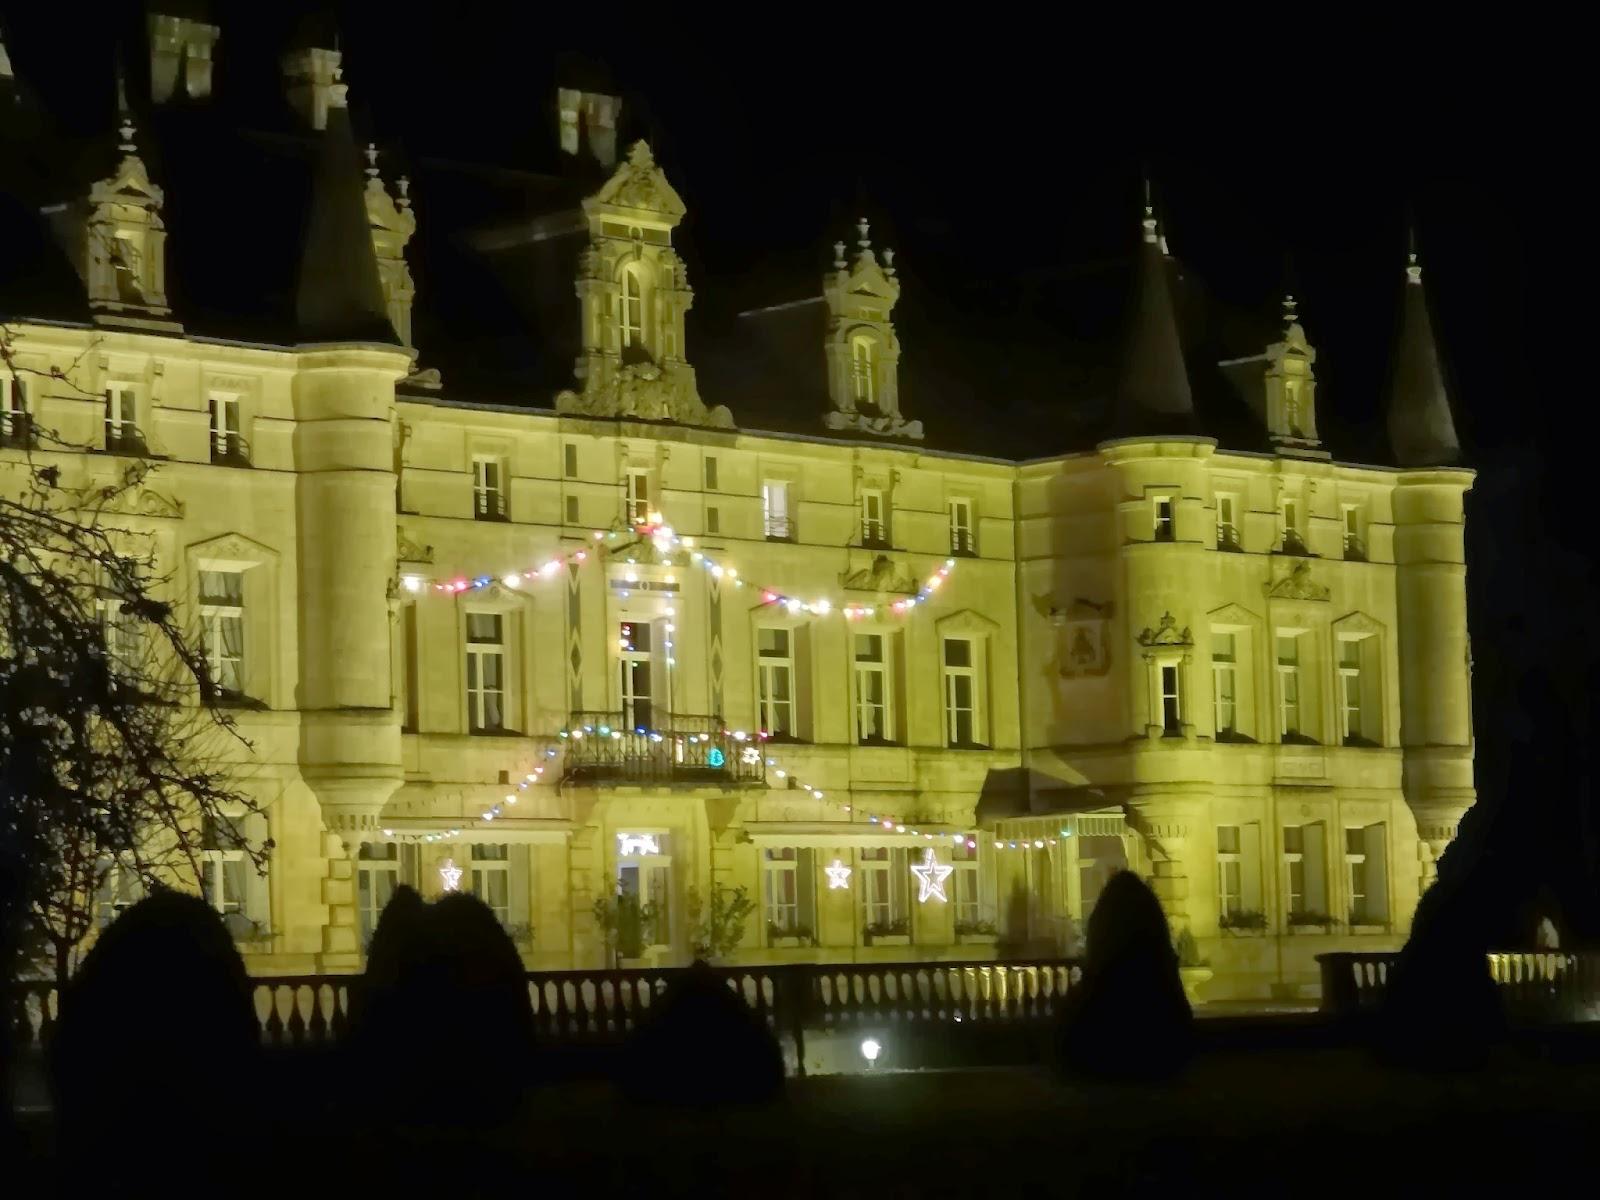 Résultats de recherche d'images pour «chateau des monthairons retaurant pinterest»